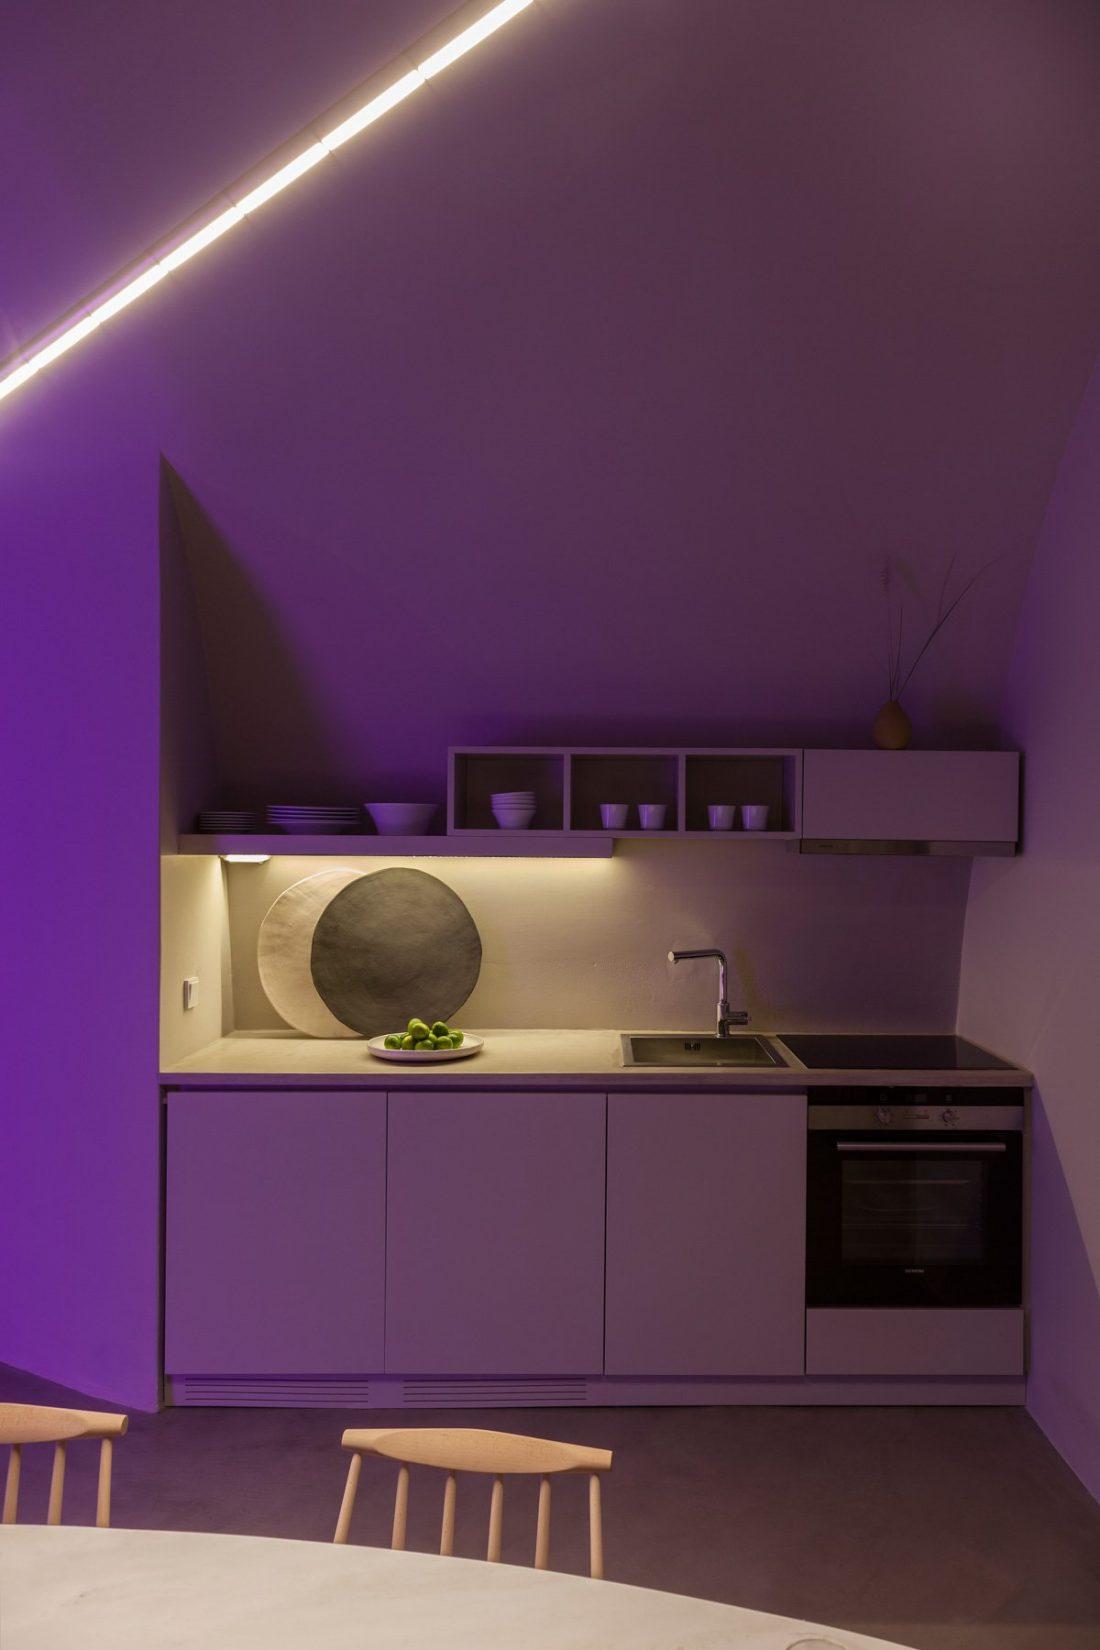 iGNANT_Kapsimalis_Architects-18